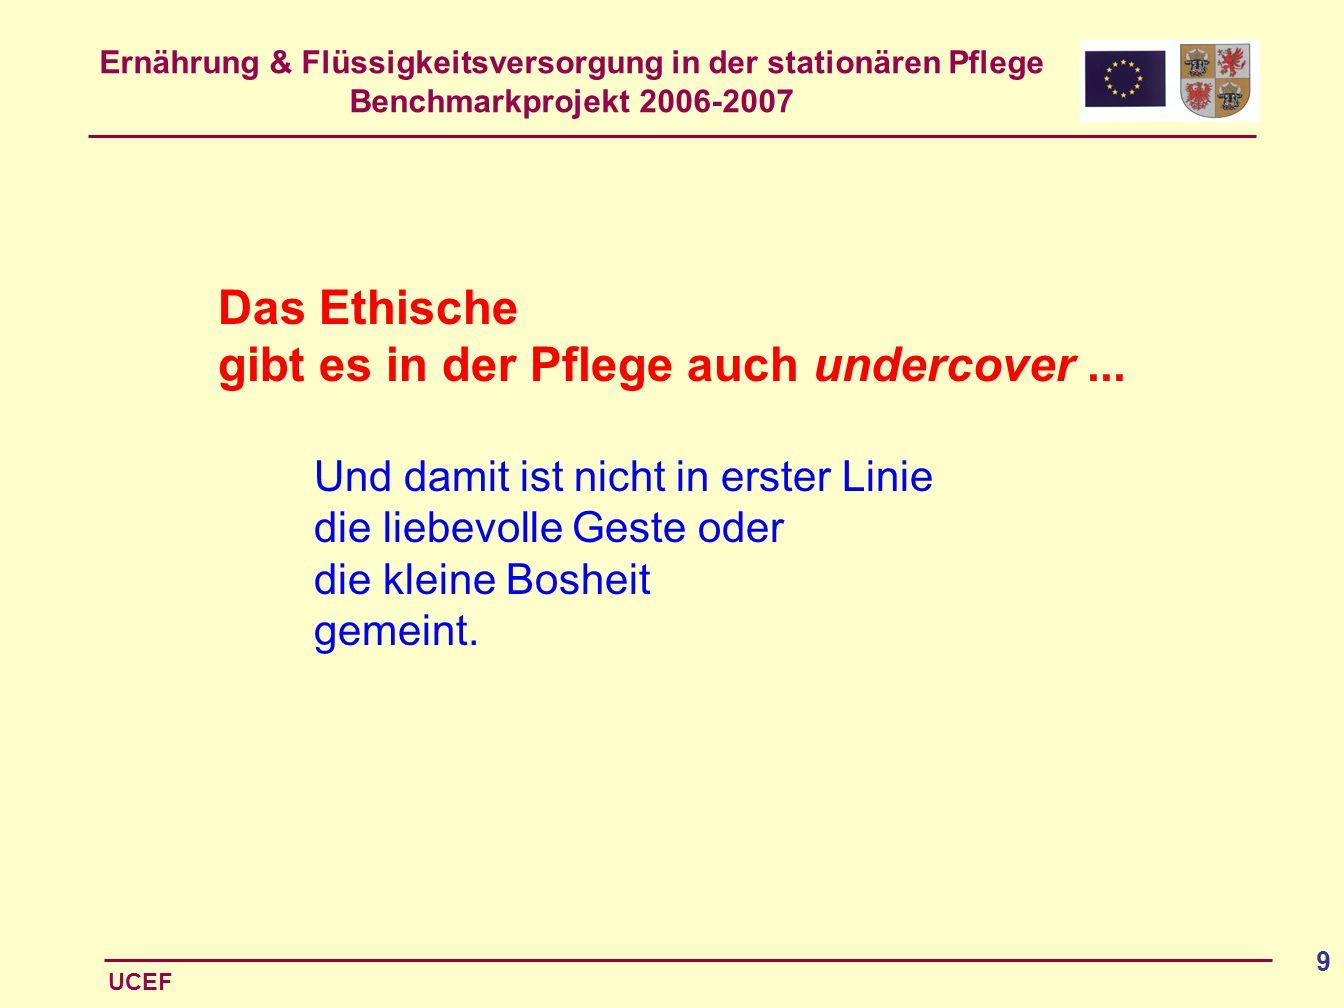 Ernährung & Flüssigkeitsversorgung in der stationären Pflege Benchmarkprojekt 2006-2007 UCEF 9 Das Ethische gibt es in der Pflege auch undercover... U